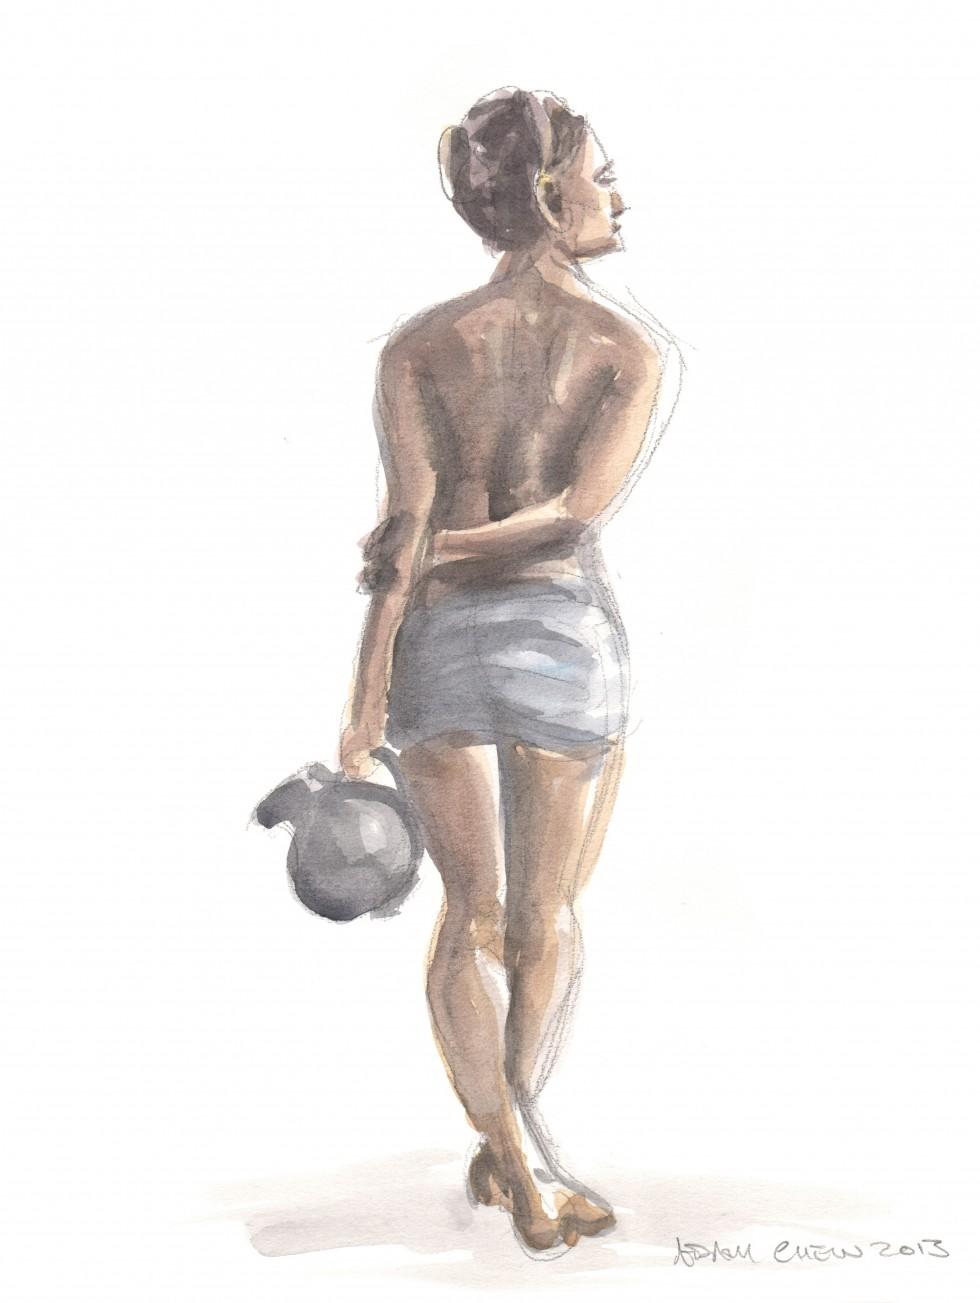 Woman with Vase 3 - Adam Chew, 2013